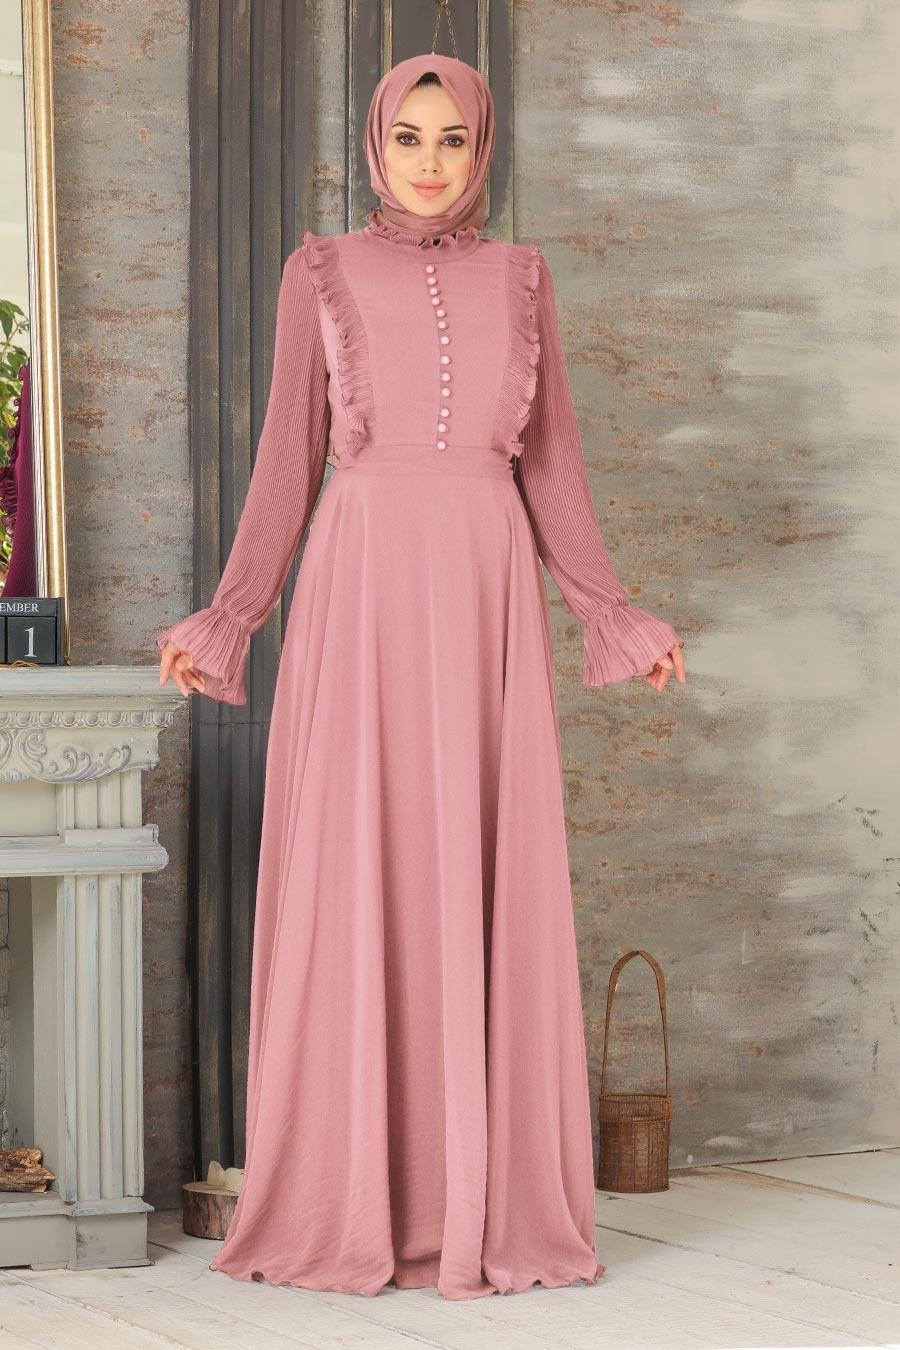 Tesettürlü Abiye Elbise - Düğme Detaylı Gül Kurusu Tesettür Abiye Elbise 2739GK